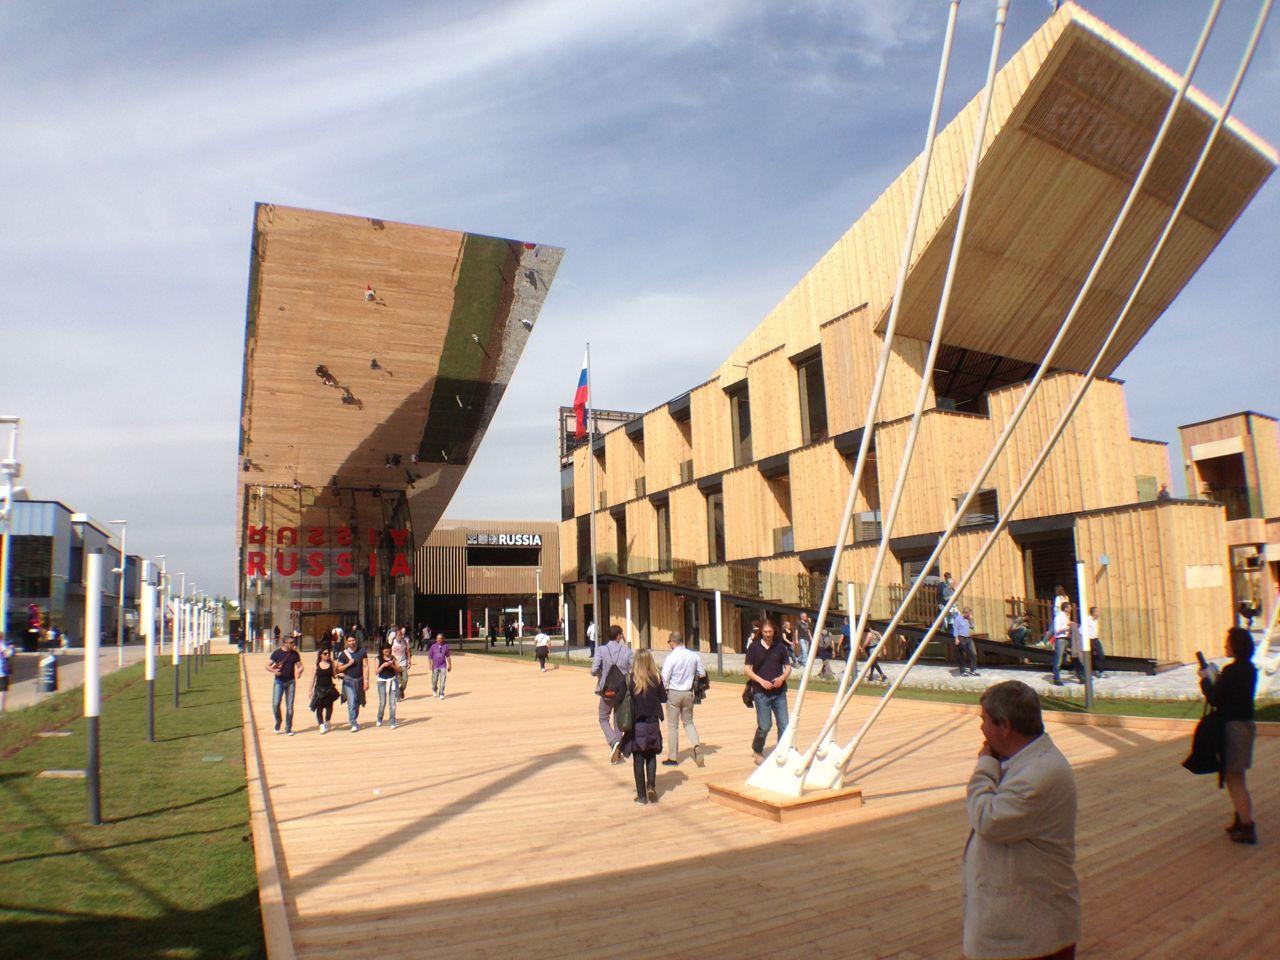 Expo, ecco le 61 architetture da vedere - Corriere.it